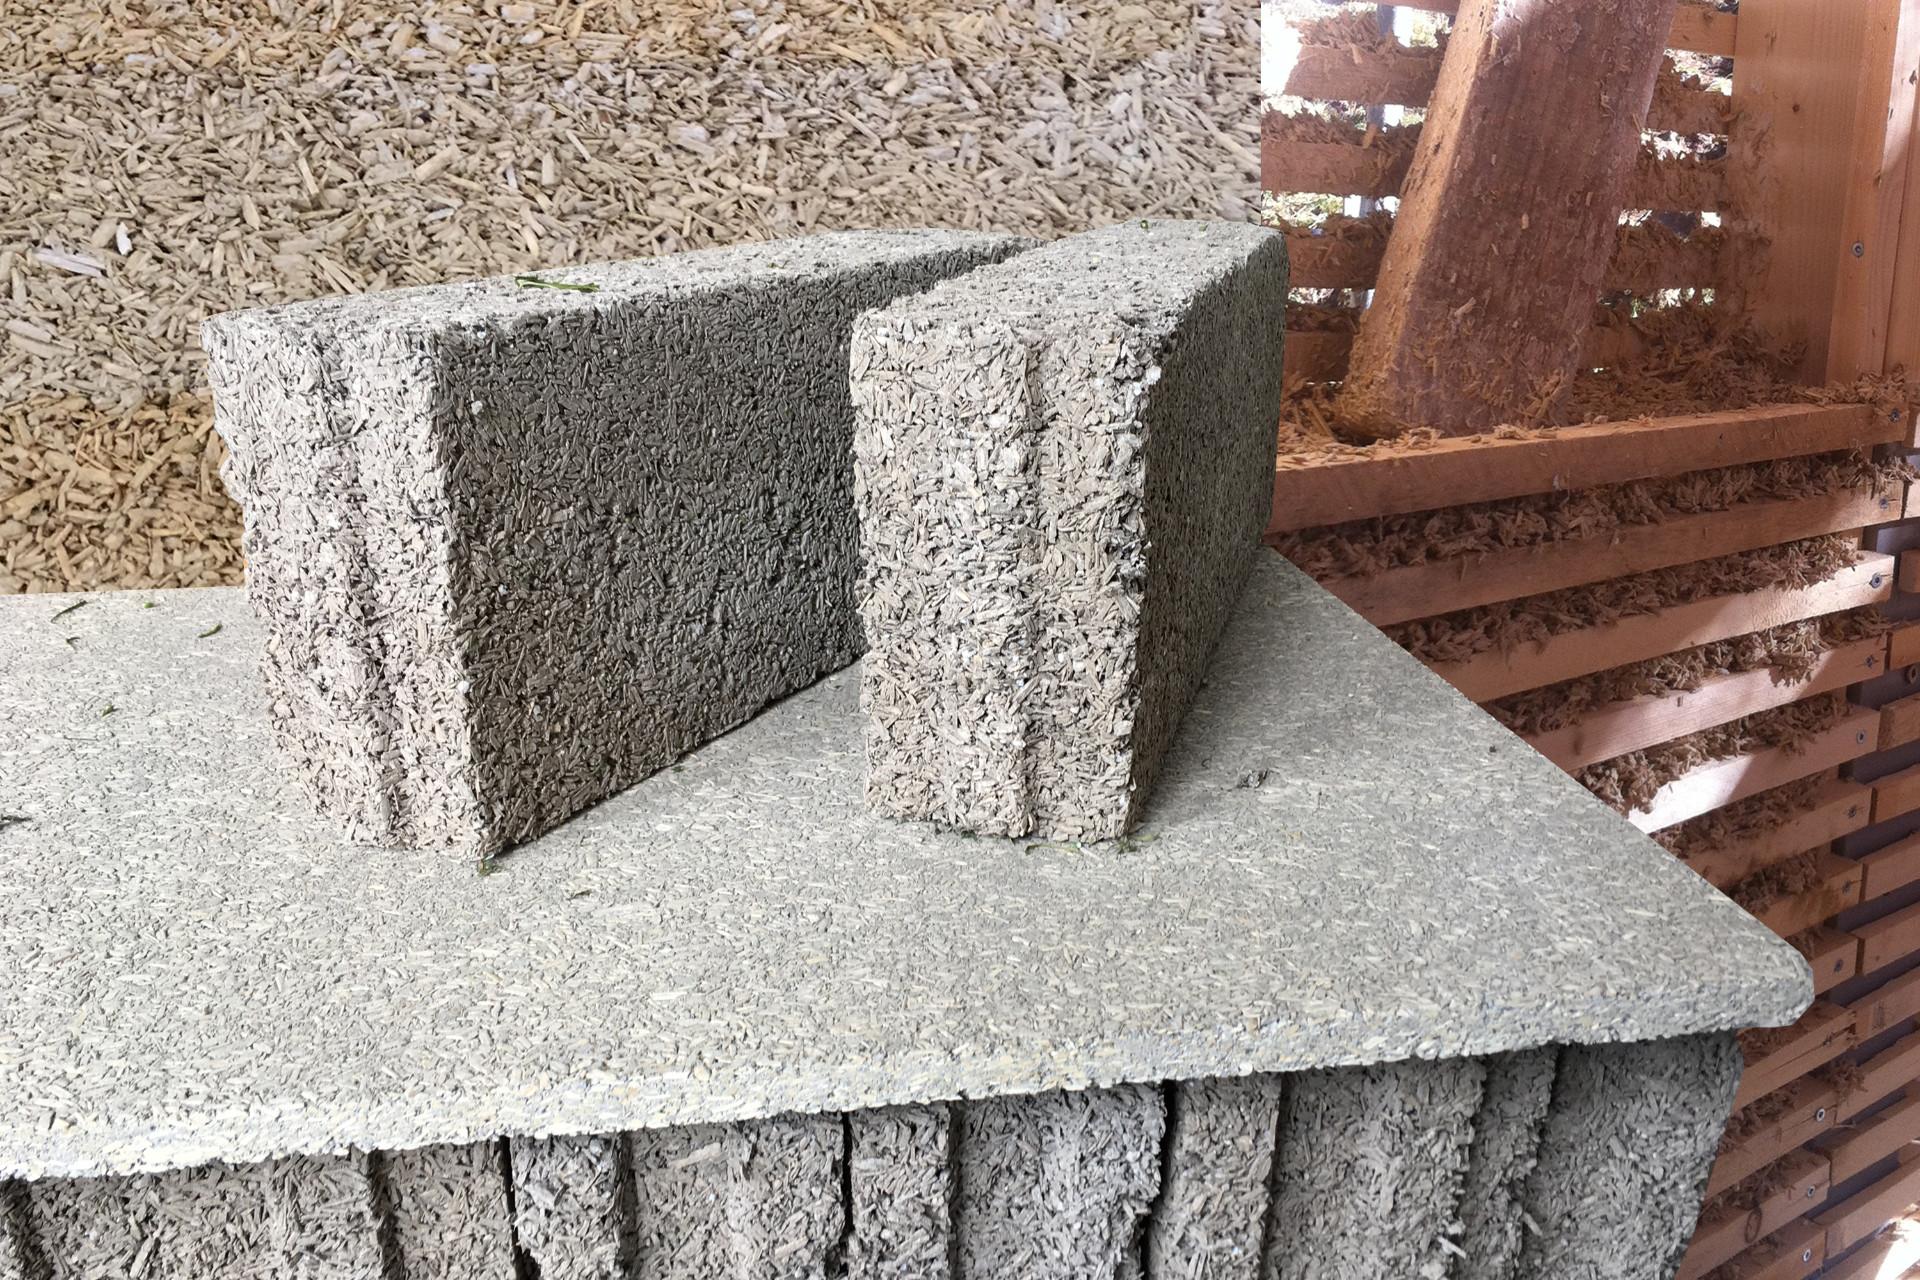 Calce canapa come materiale da costruzione, in mattoni, pannelli ecc.